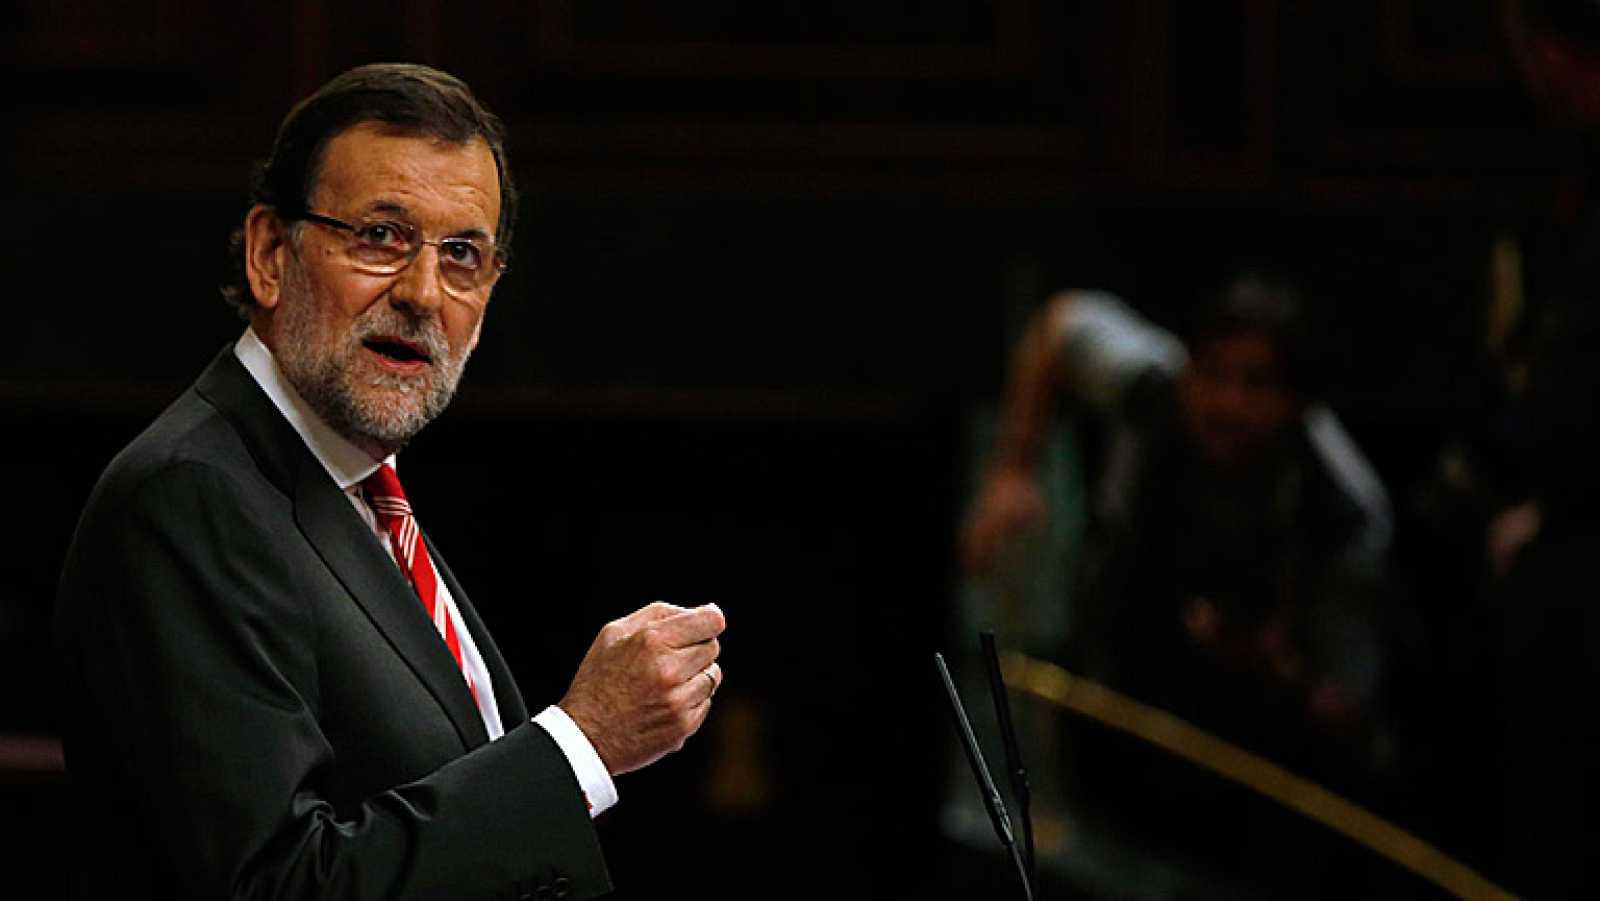 """Rajoy: """"No concibo España sin Cataluña. Se pretende un proyecto de fractura y división"""""""